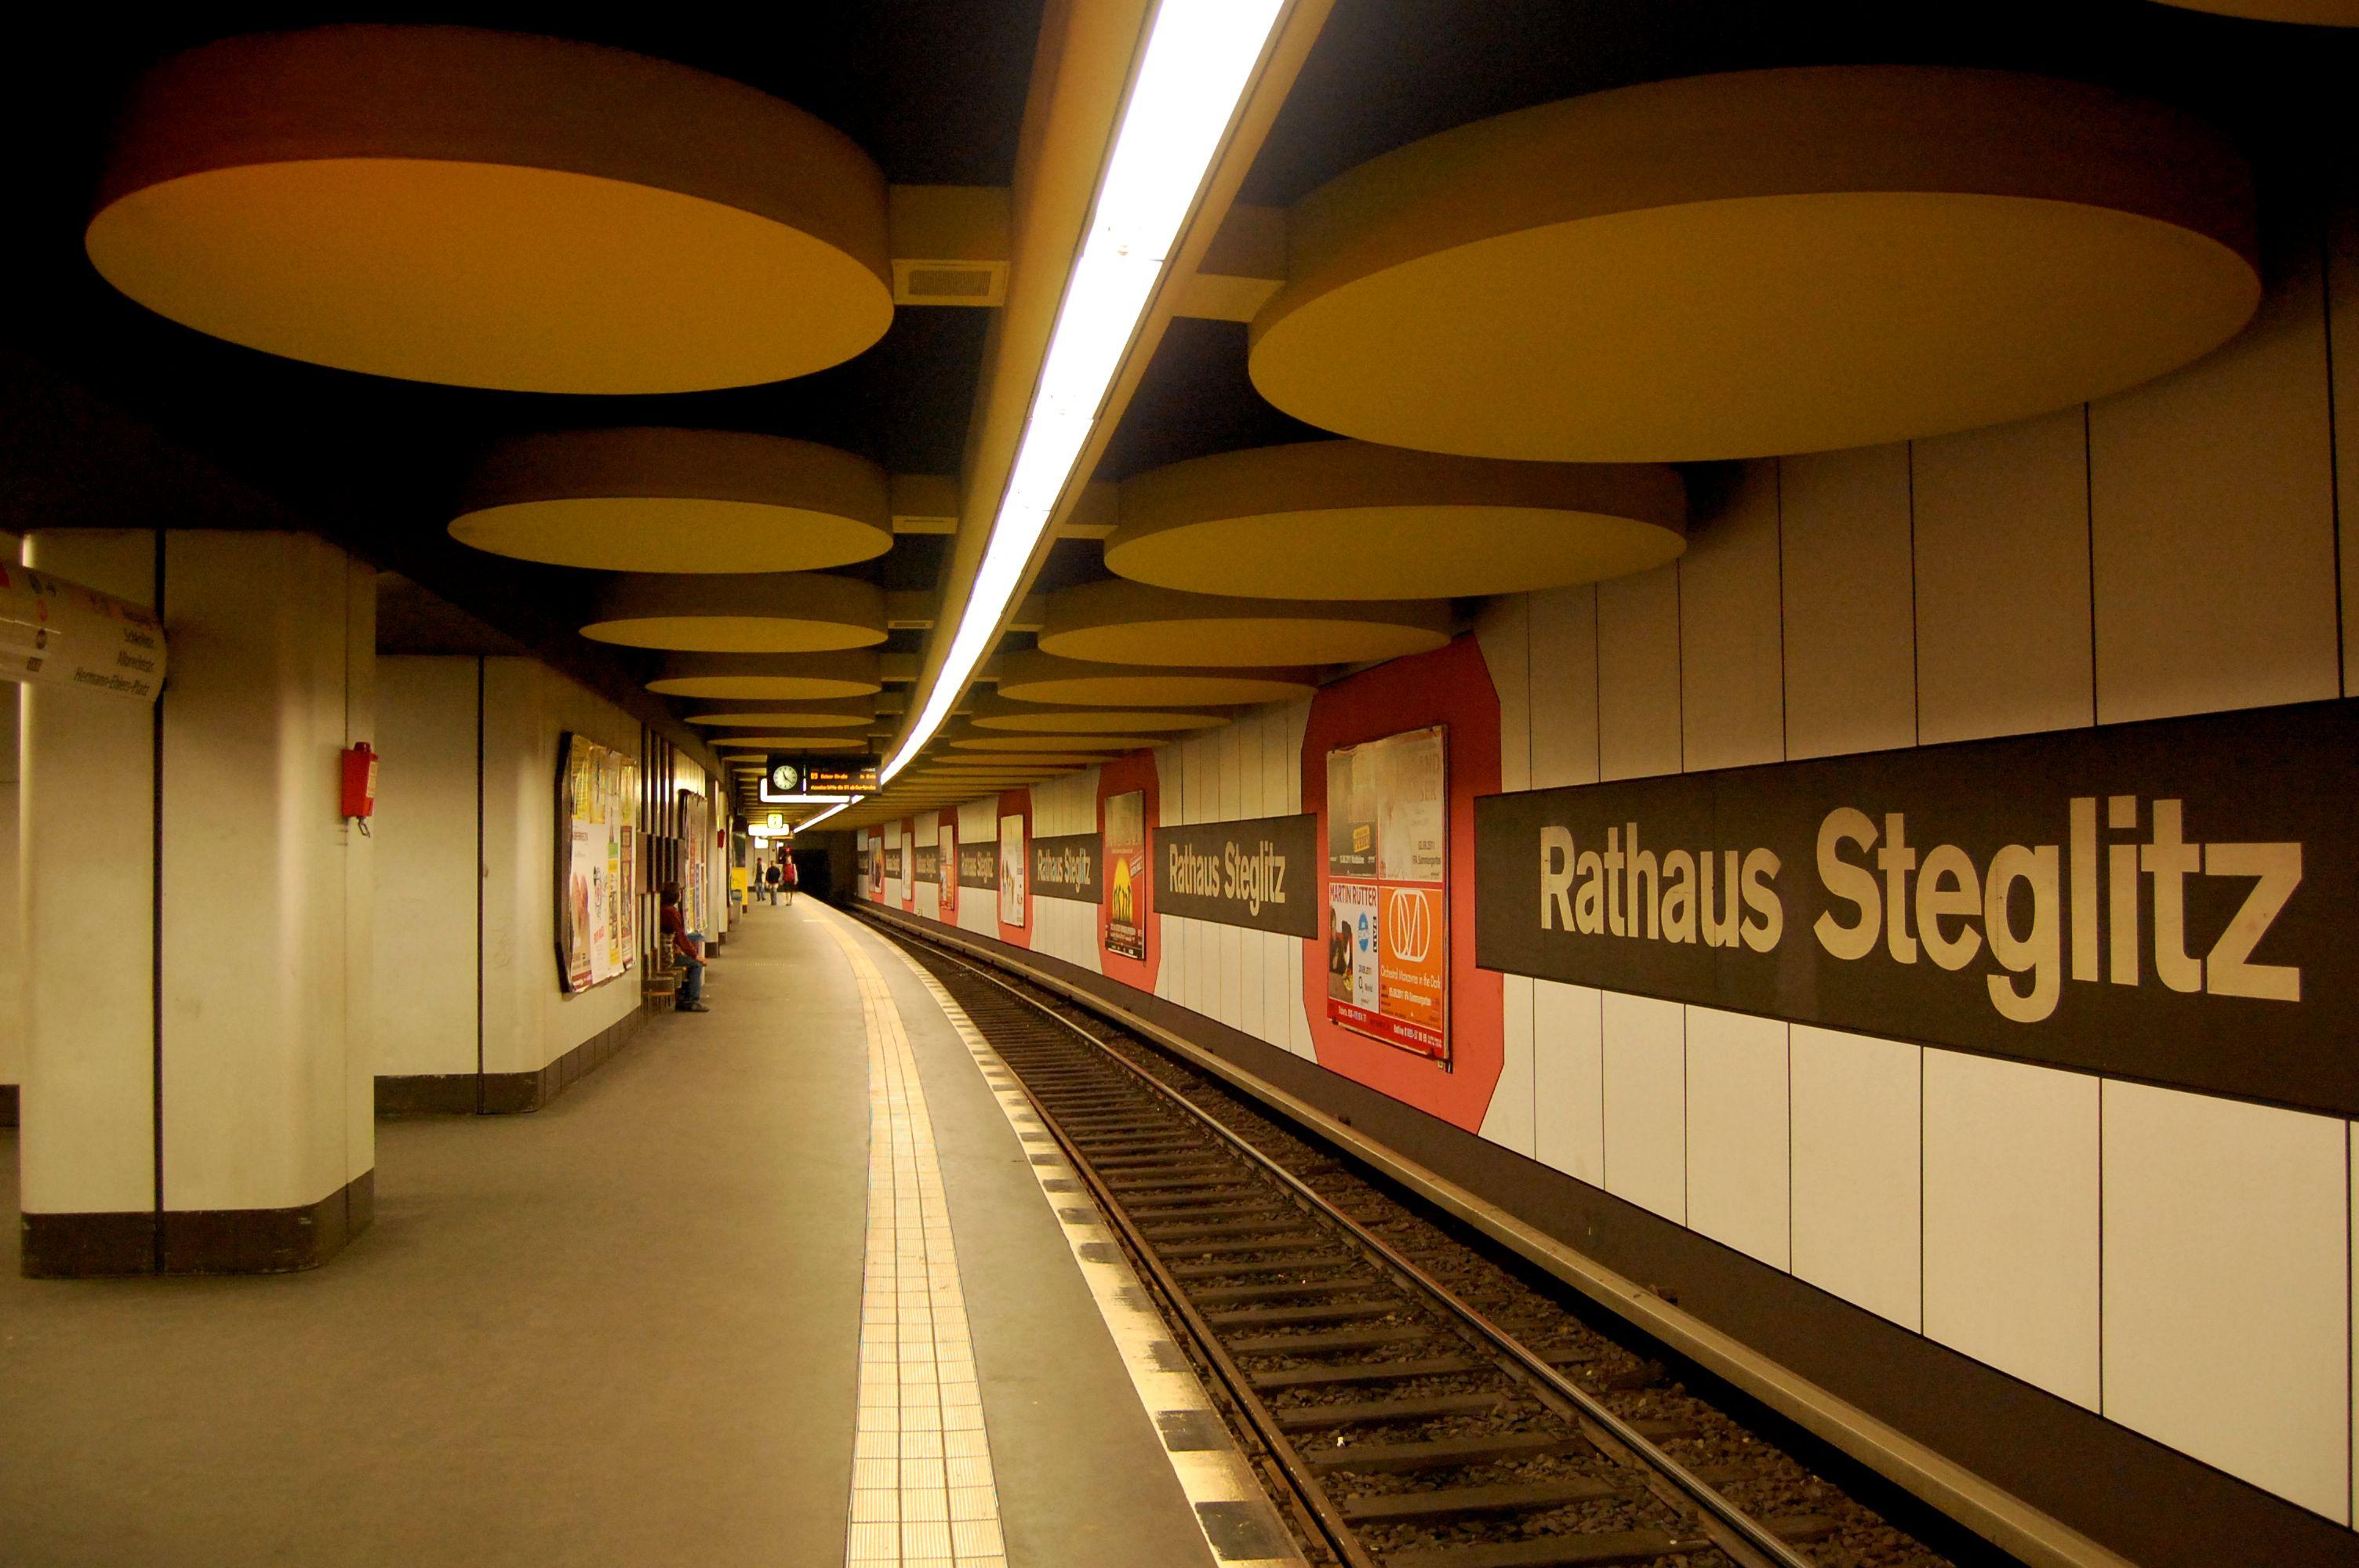 Vor der Neugestaltung: U-Bf Rathaus Steglitz Bahnsteighalle